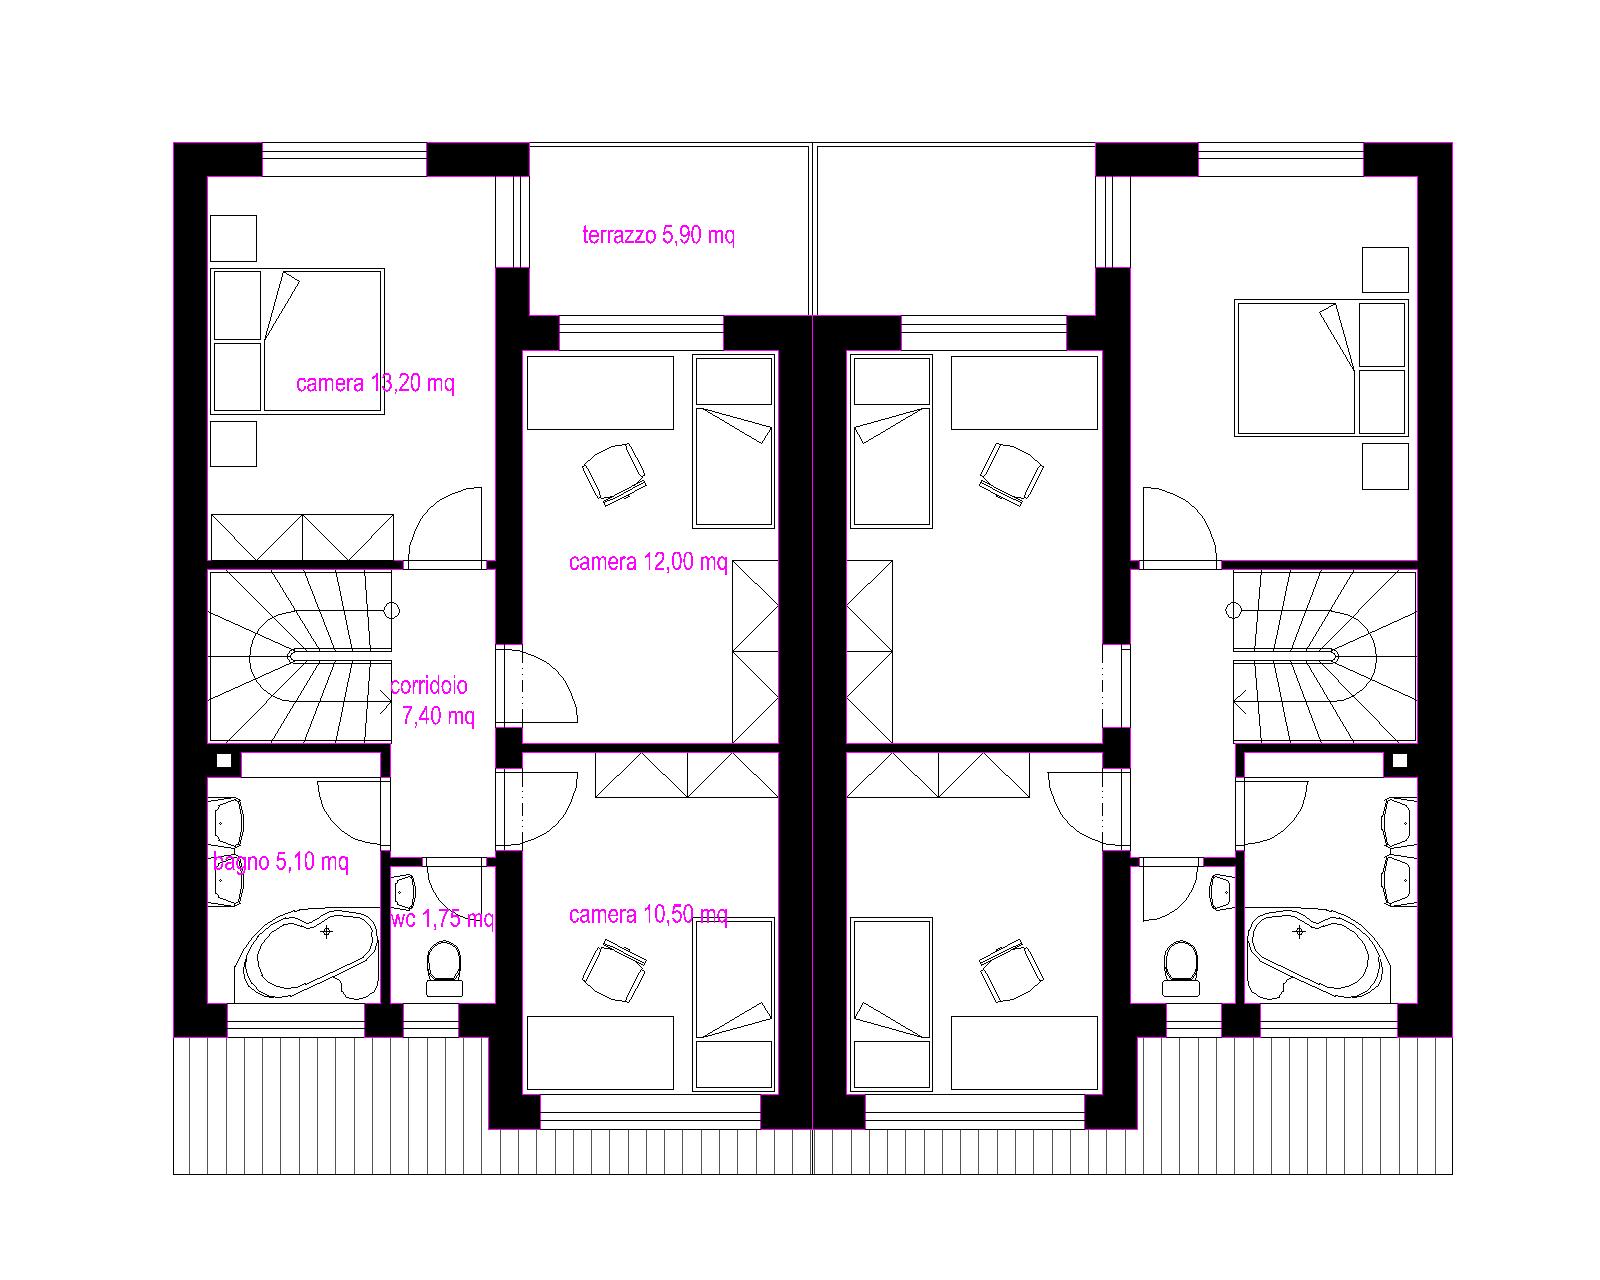 Progetti di case in legno: CASA BIFAMILIARE 2 X 144 MQ